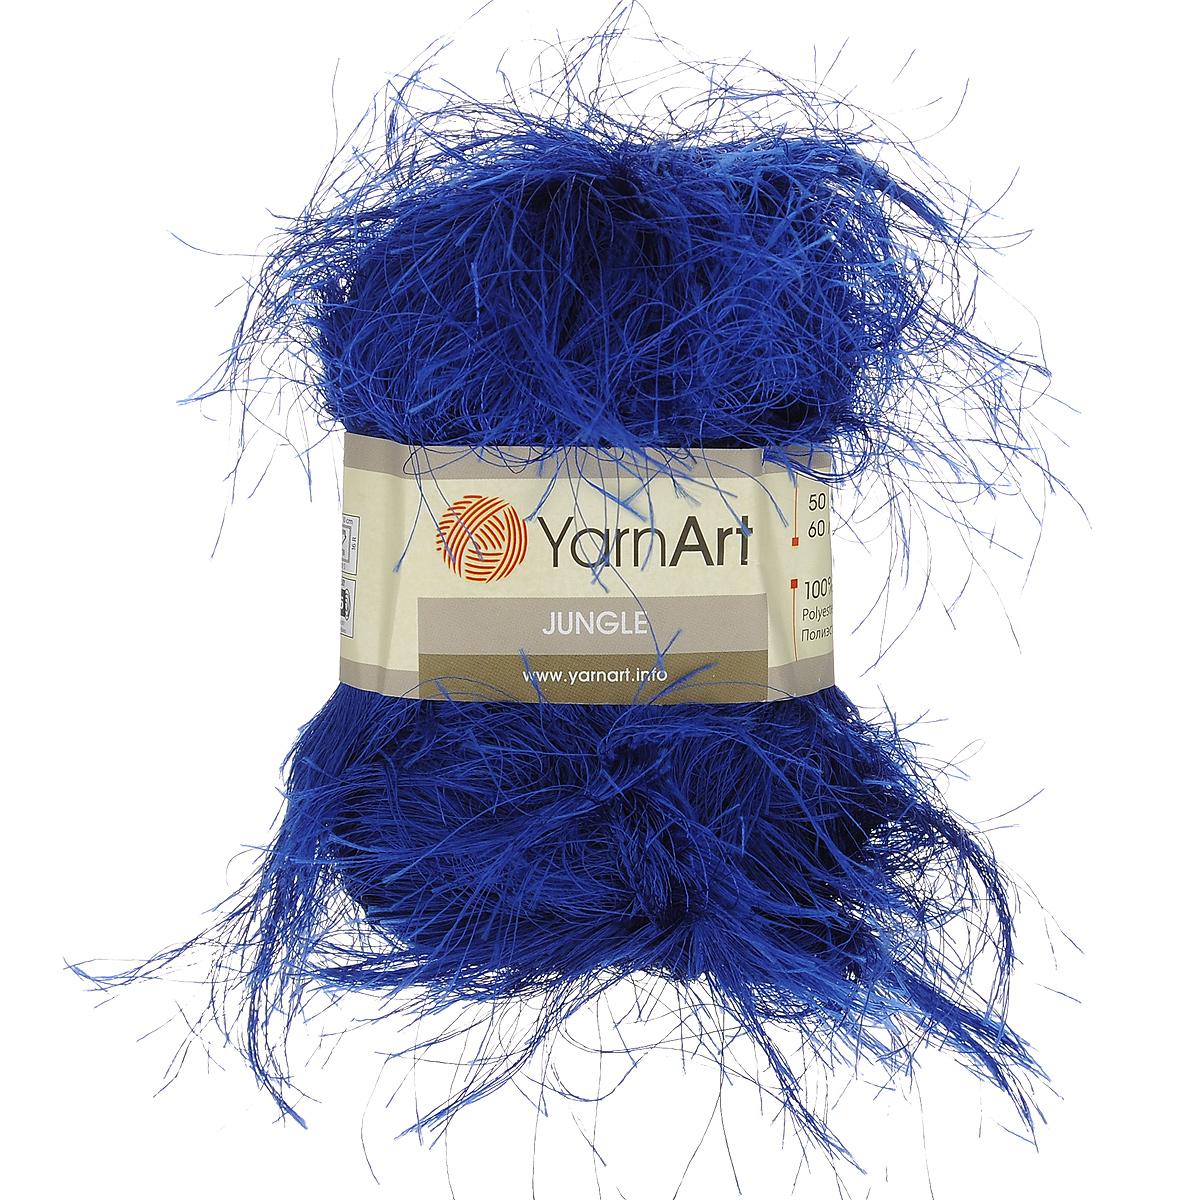 Пряжа для вязания YarnArt Jungle, цвет: синий (24), 60 м, 50 г, 10 шт372055_24Пряжа для вязания YarnArt Jungle изготовлена из полиэстера. Пряжа-травка предназначена для ручного вязания и идеально подходит для отделки. Готовый ворс получается равным 4 см. Рекомендованные спицы и крючок для вязания 6 мм. Комплектация: 10 мотков. Состав: 100% полиэстер.